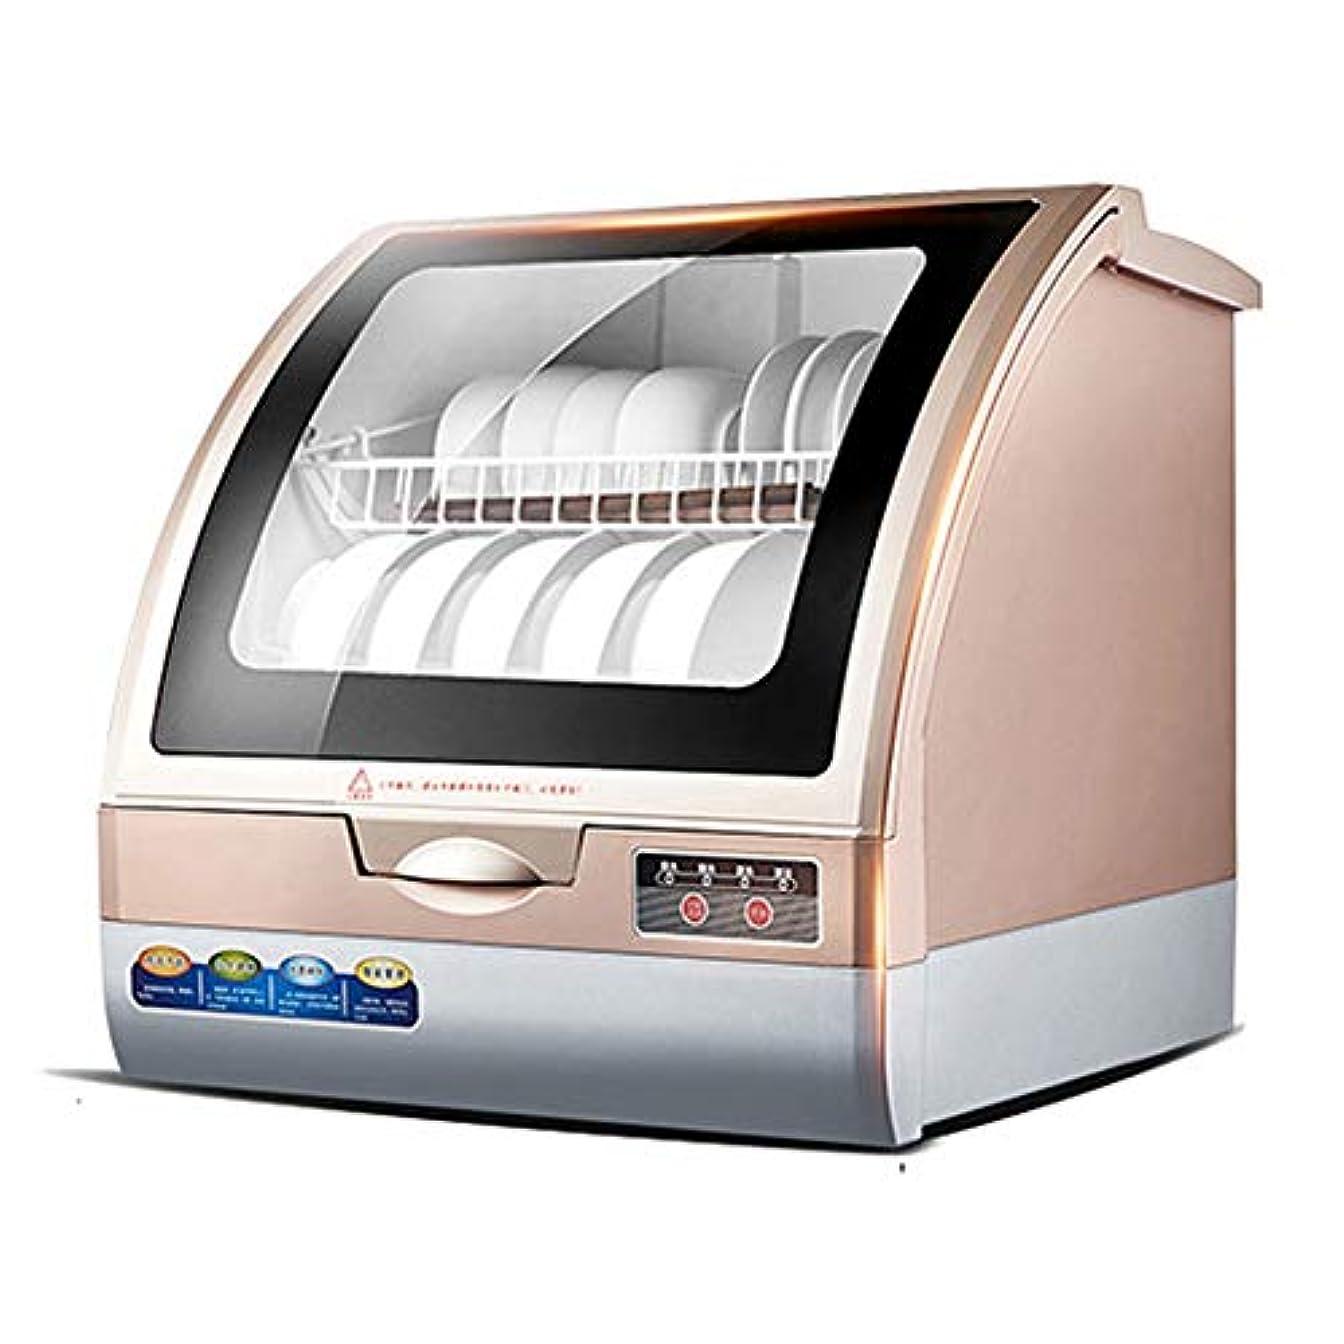 冬差別する輝く皿洗い機、カウンター皿洗い機、360°の高温洗浄、凝縮空気乾燥、ボタン操作で、小さなアパートや家庭のキッチンに最適